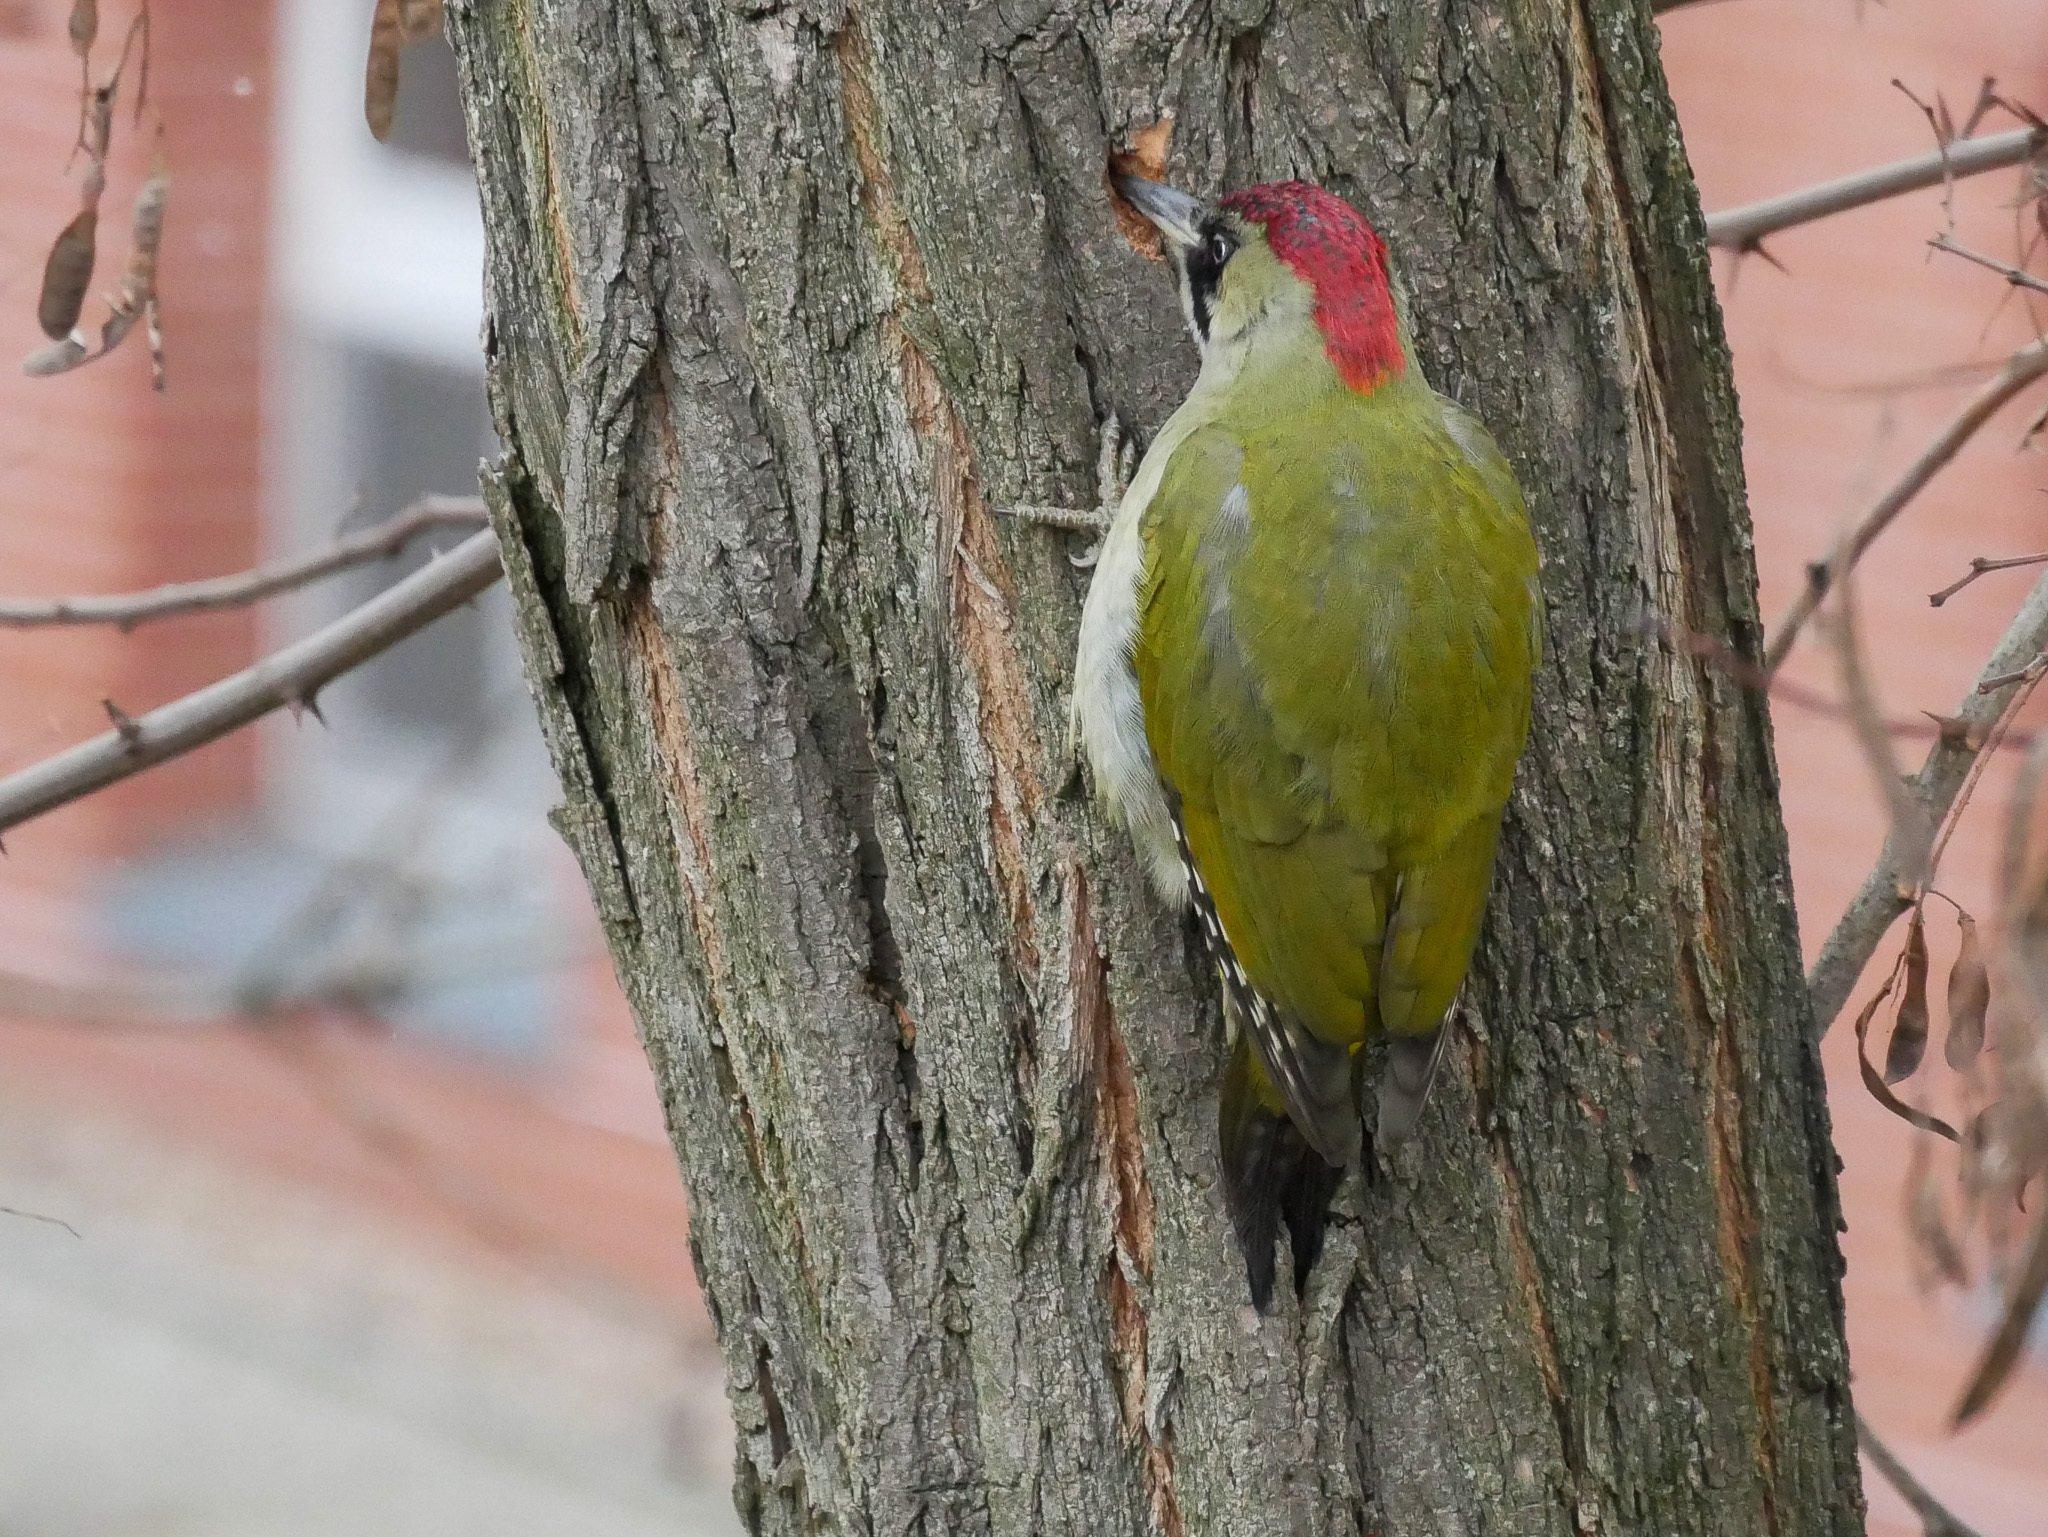 Ein Vogel mit grün-gelbem Rücken und einem breiten roten Streifen auf dem Köpf hat sich an den Stamm eines Baumes geklammert und hämmert ein Loch in die Rinde.